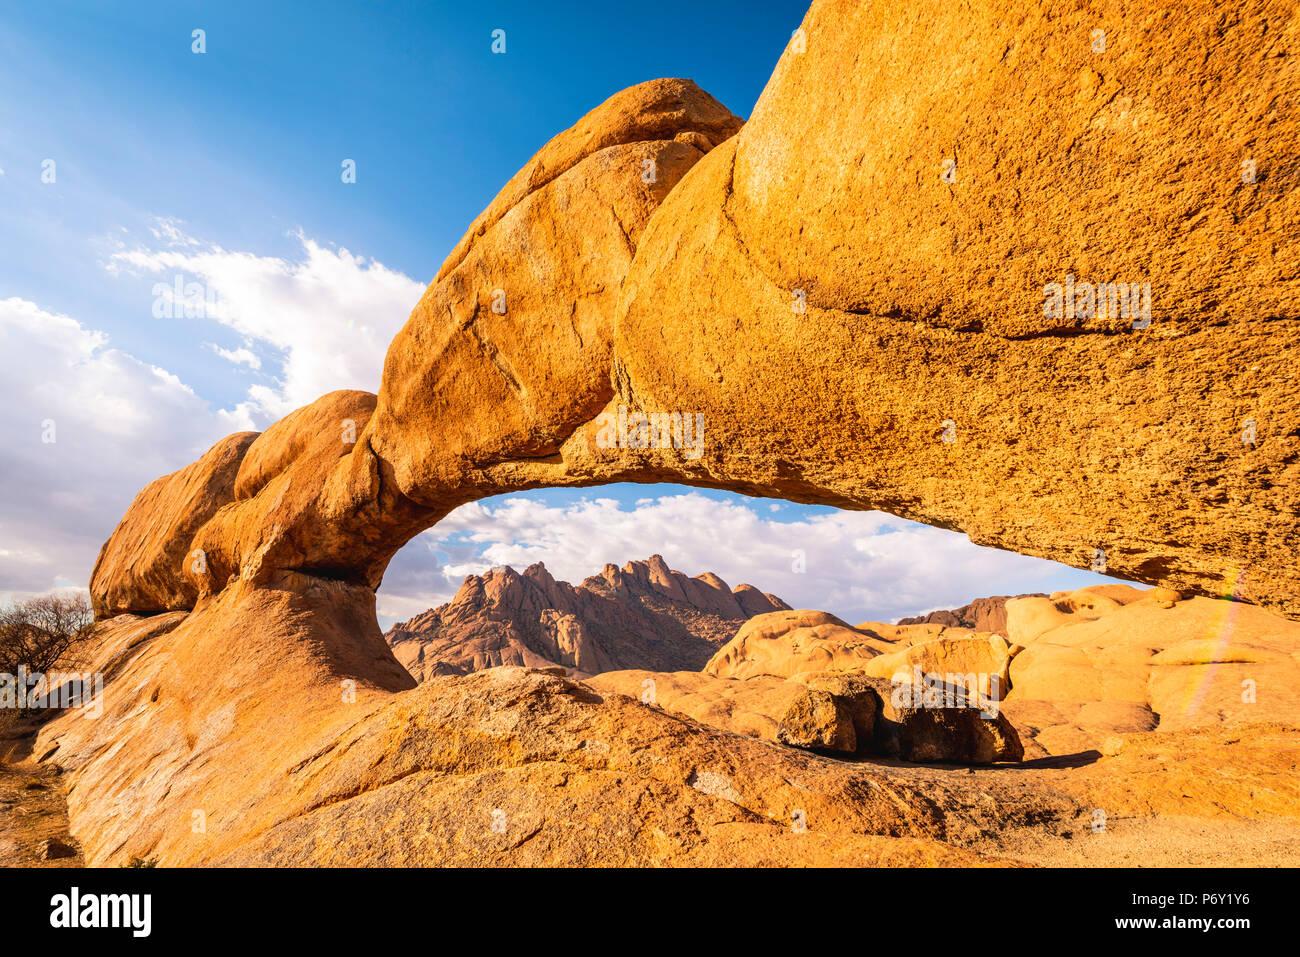 Spitzkoppe, Damaraland, Namibia, Africa. El puente de piedra y los picos de granito. Imagen De Stock